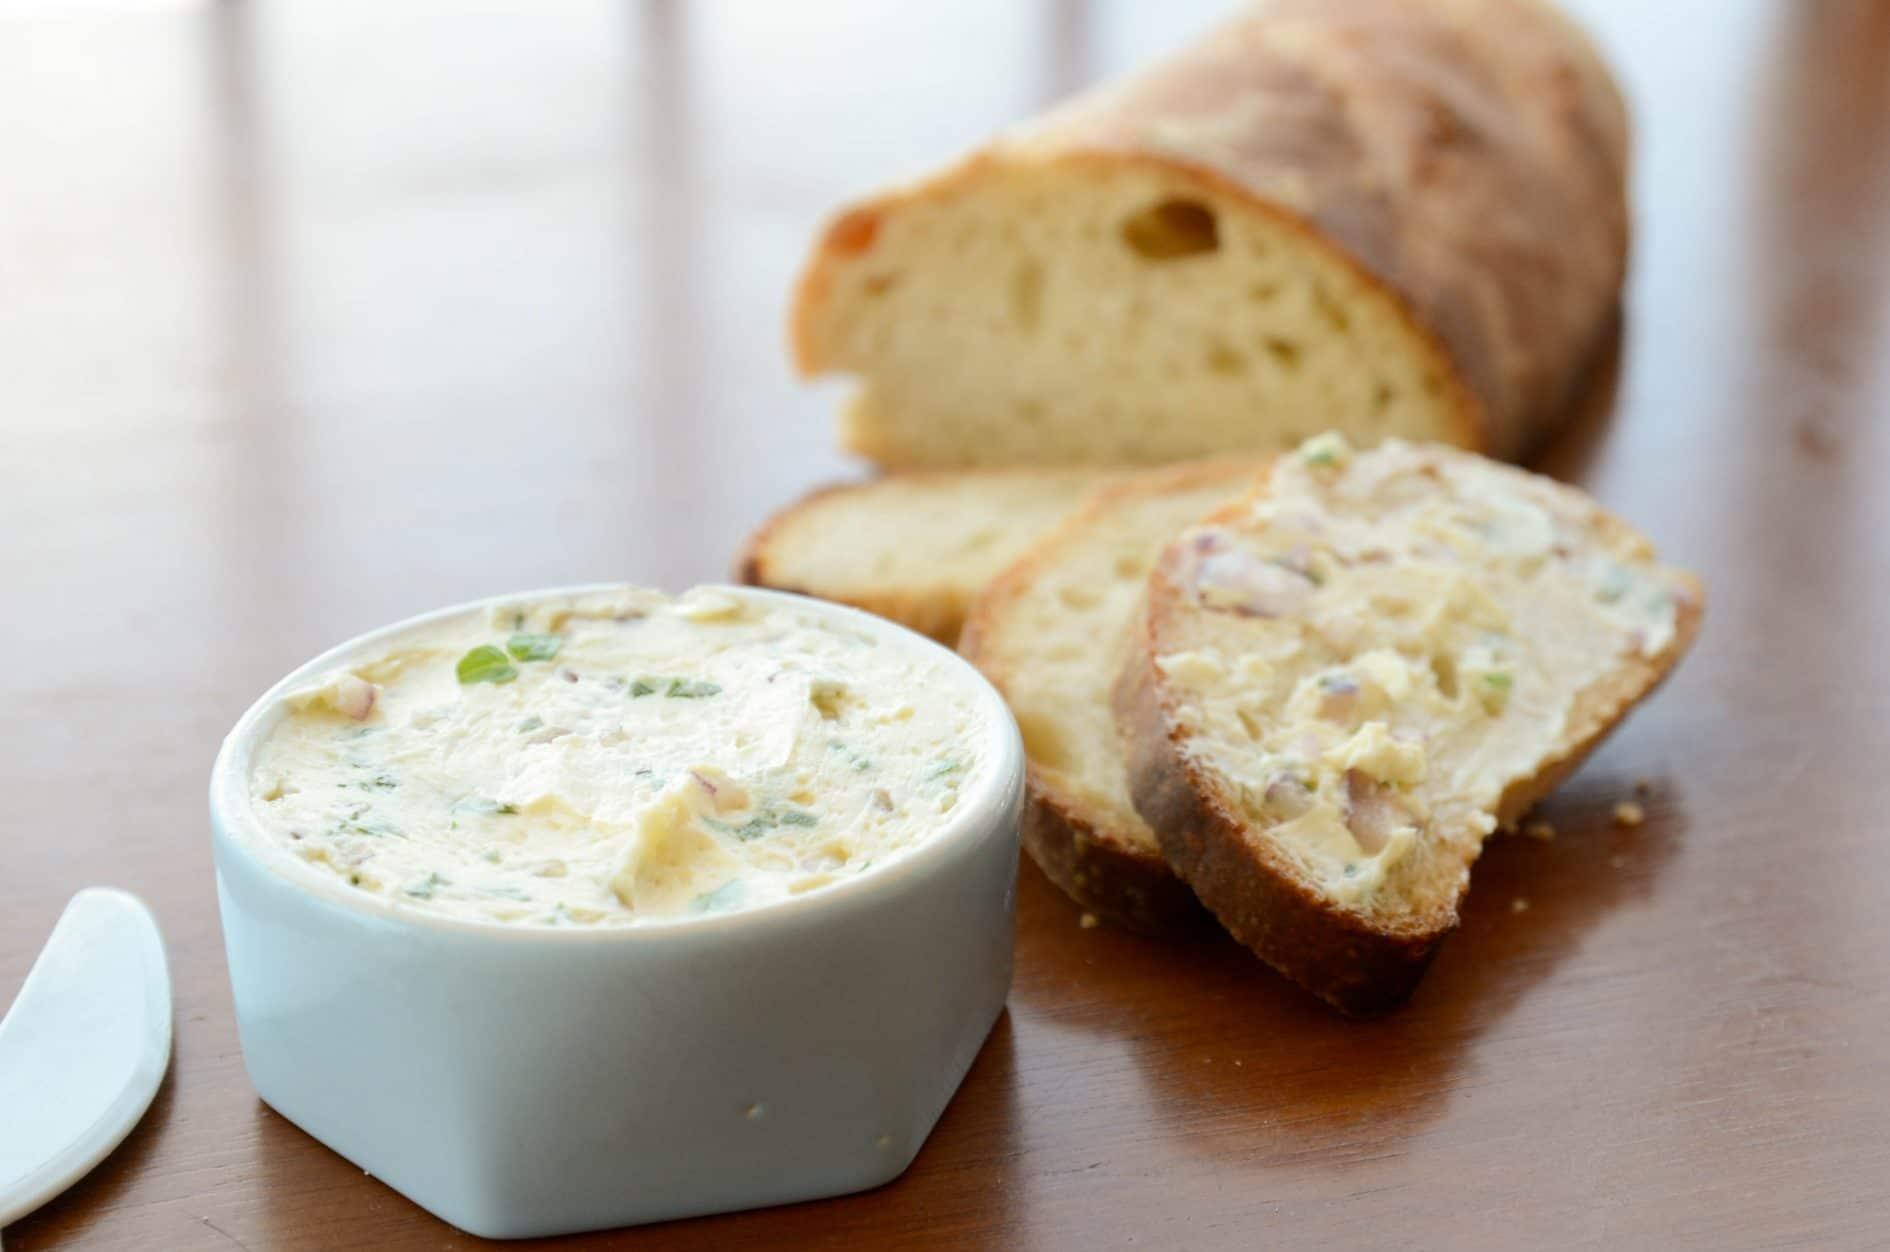 receita manteiga composta de manjericao